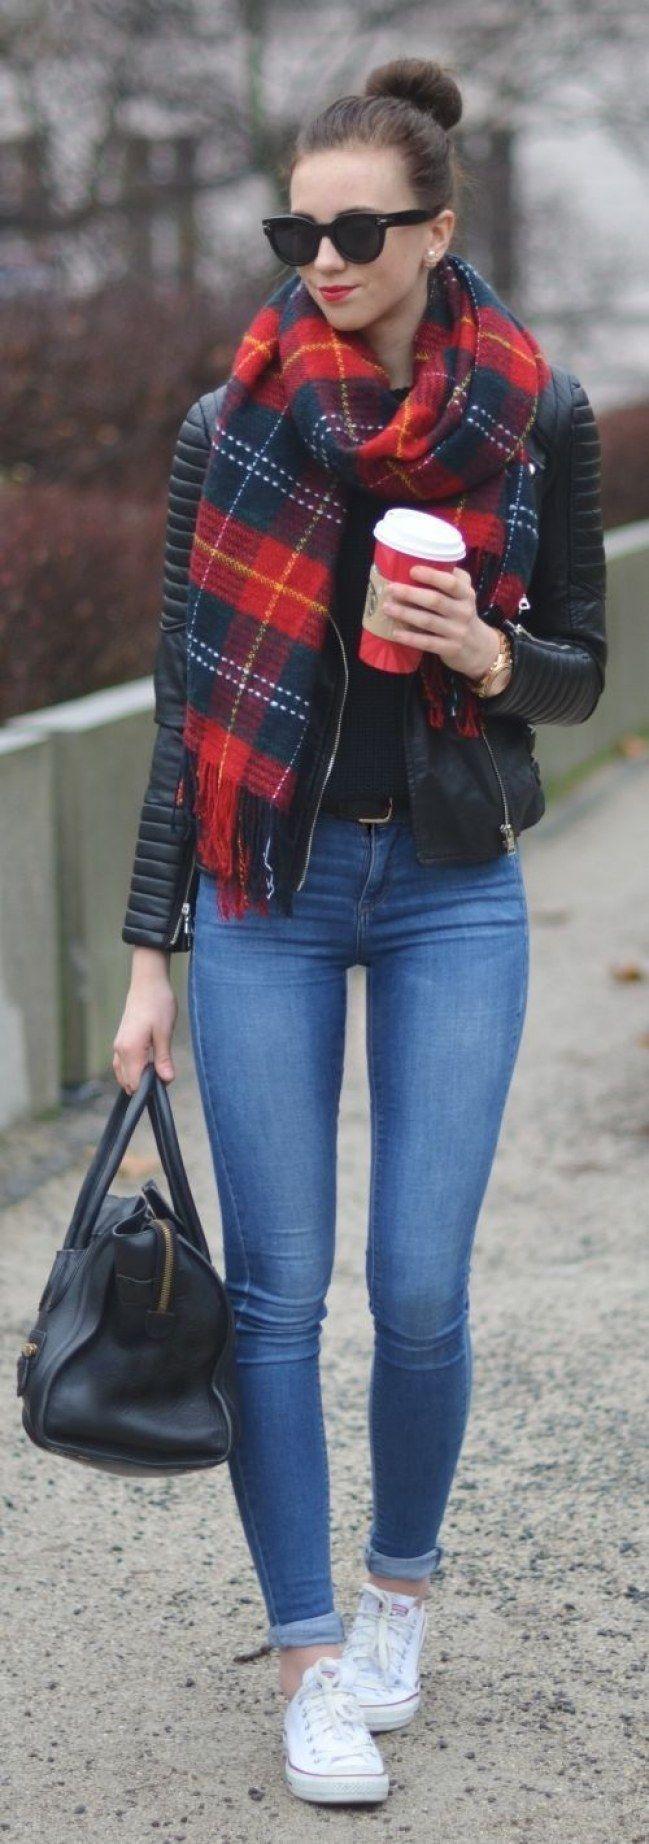 Skinny Jeans kombinieren SO stylen Modeprofis jetzt die Röhre Skinny Jeans kombinieren SO stylen Modeprofis jetzt die Röhre